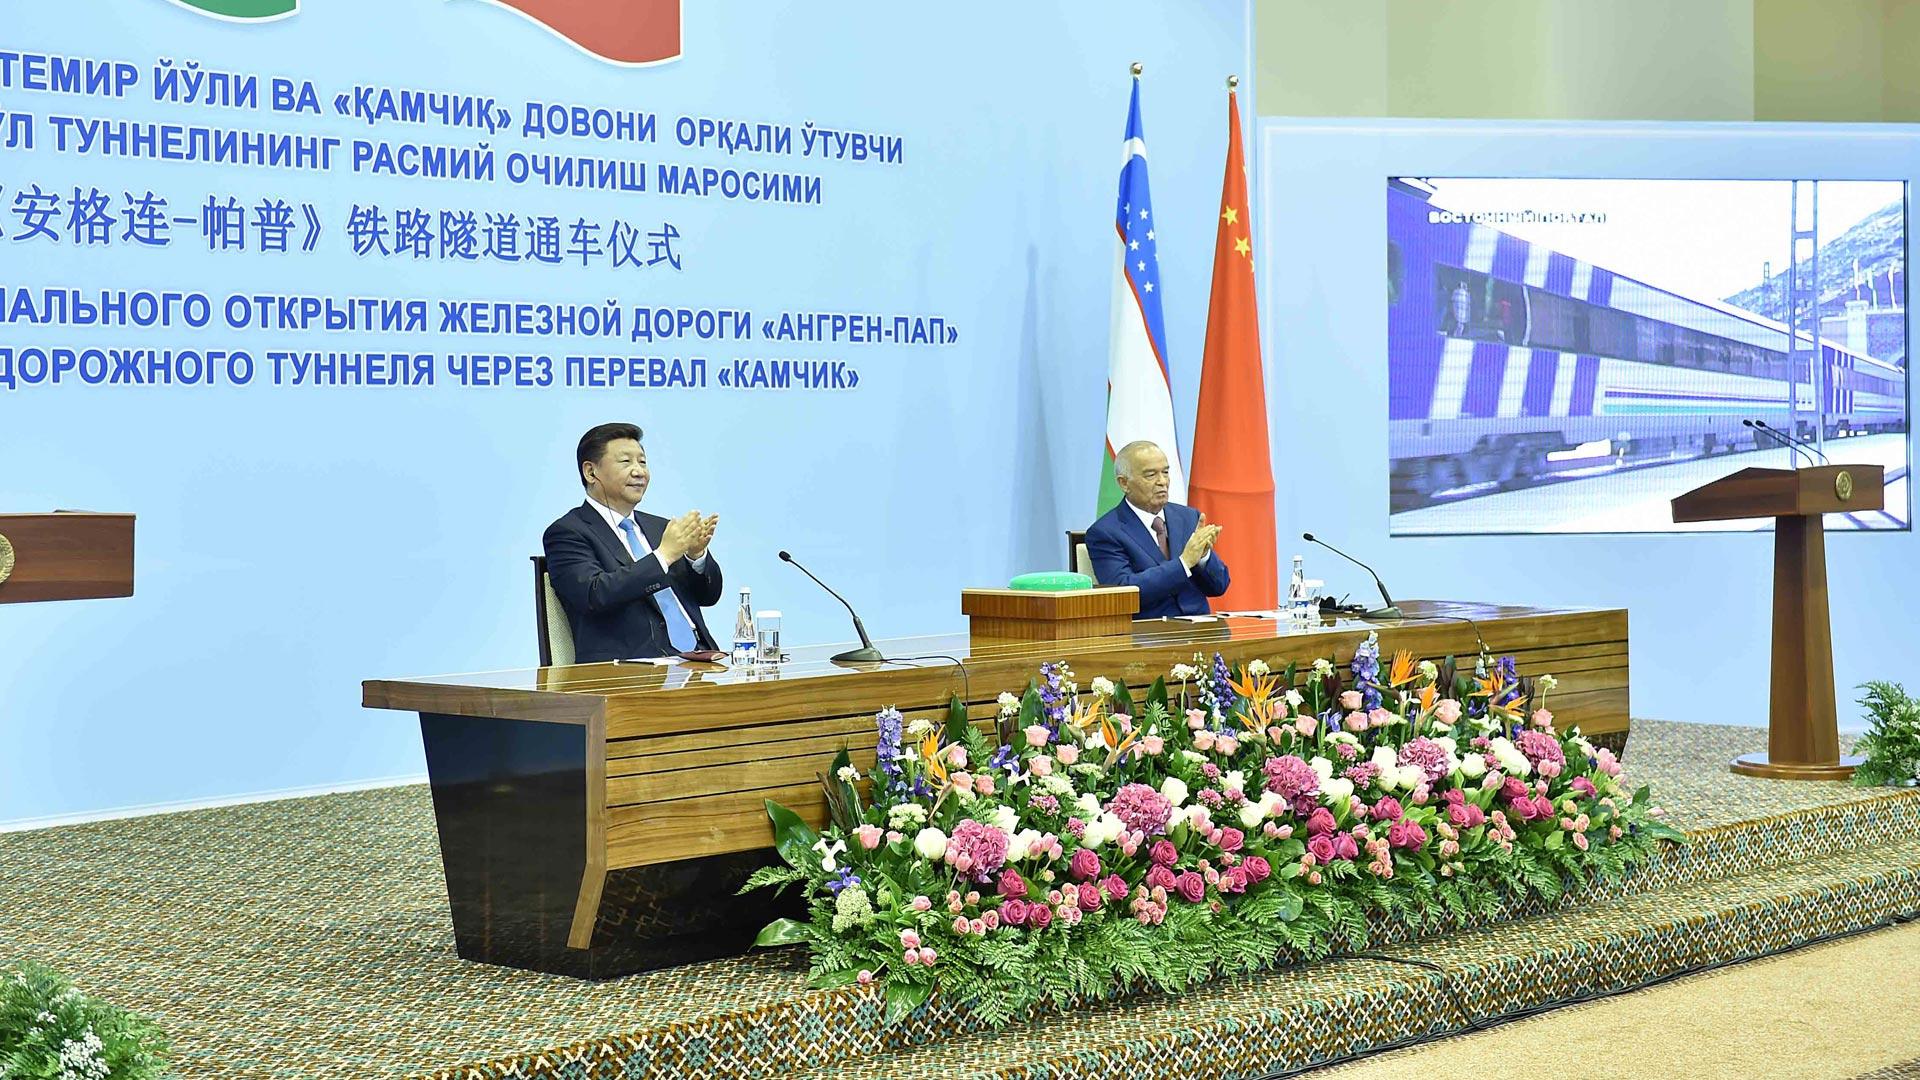 """習近平同卡裏莫夫共同出席""""安格連-帕普""""鐵路隧道通車視頻連線活動"""